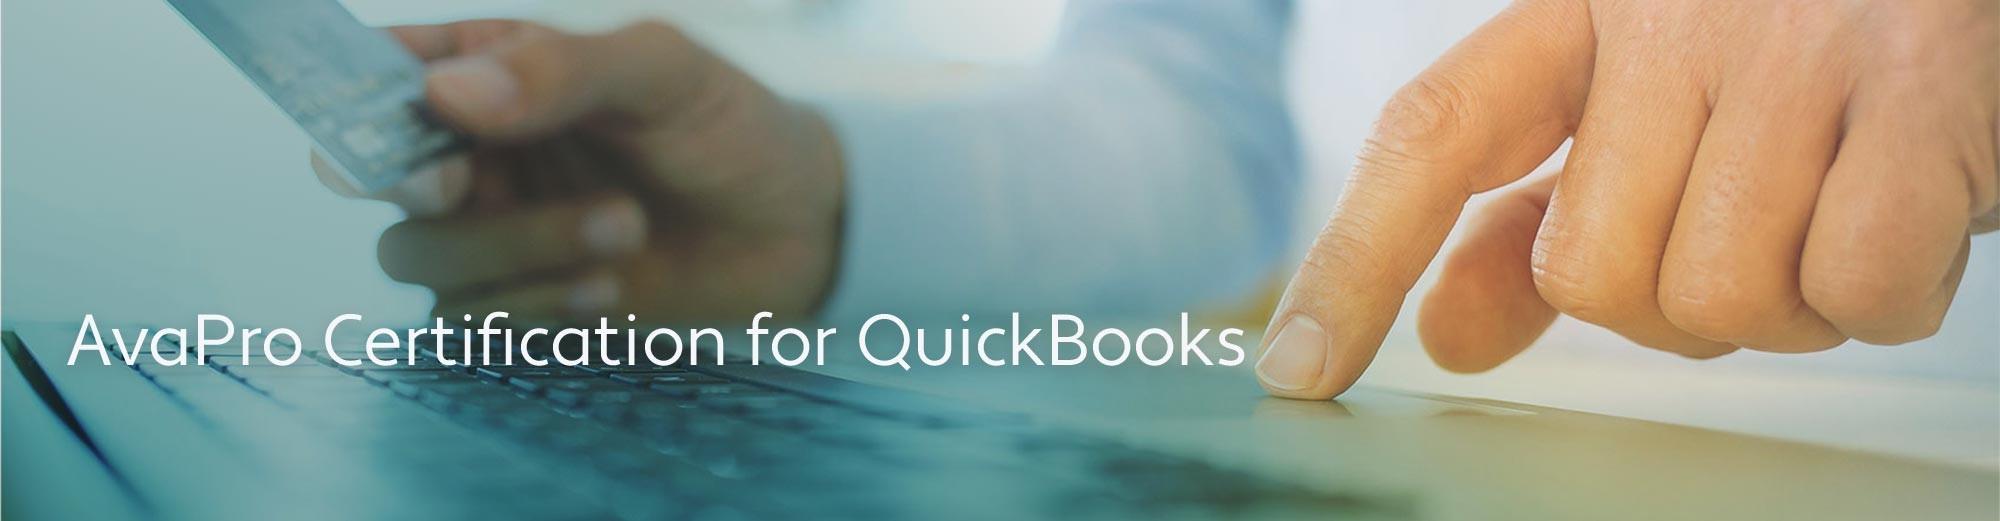 AvaPro Certification for Quickbooks